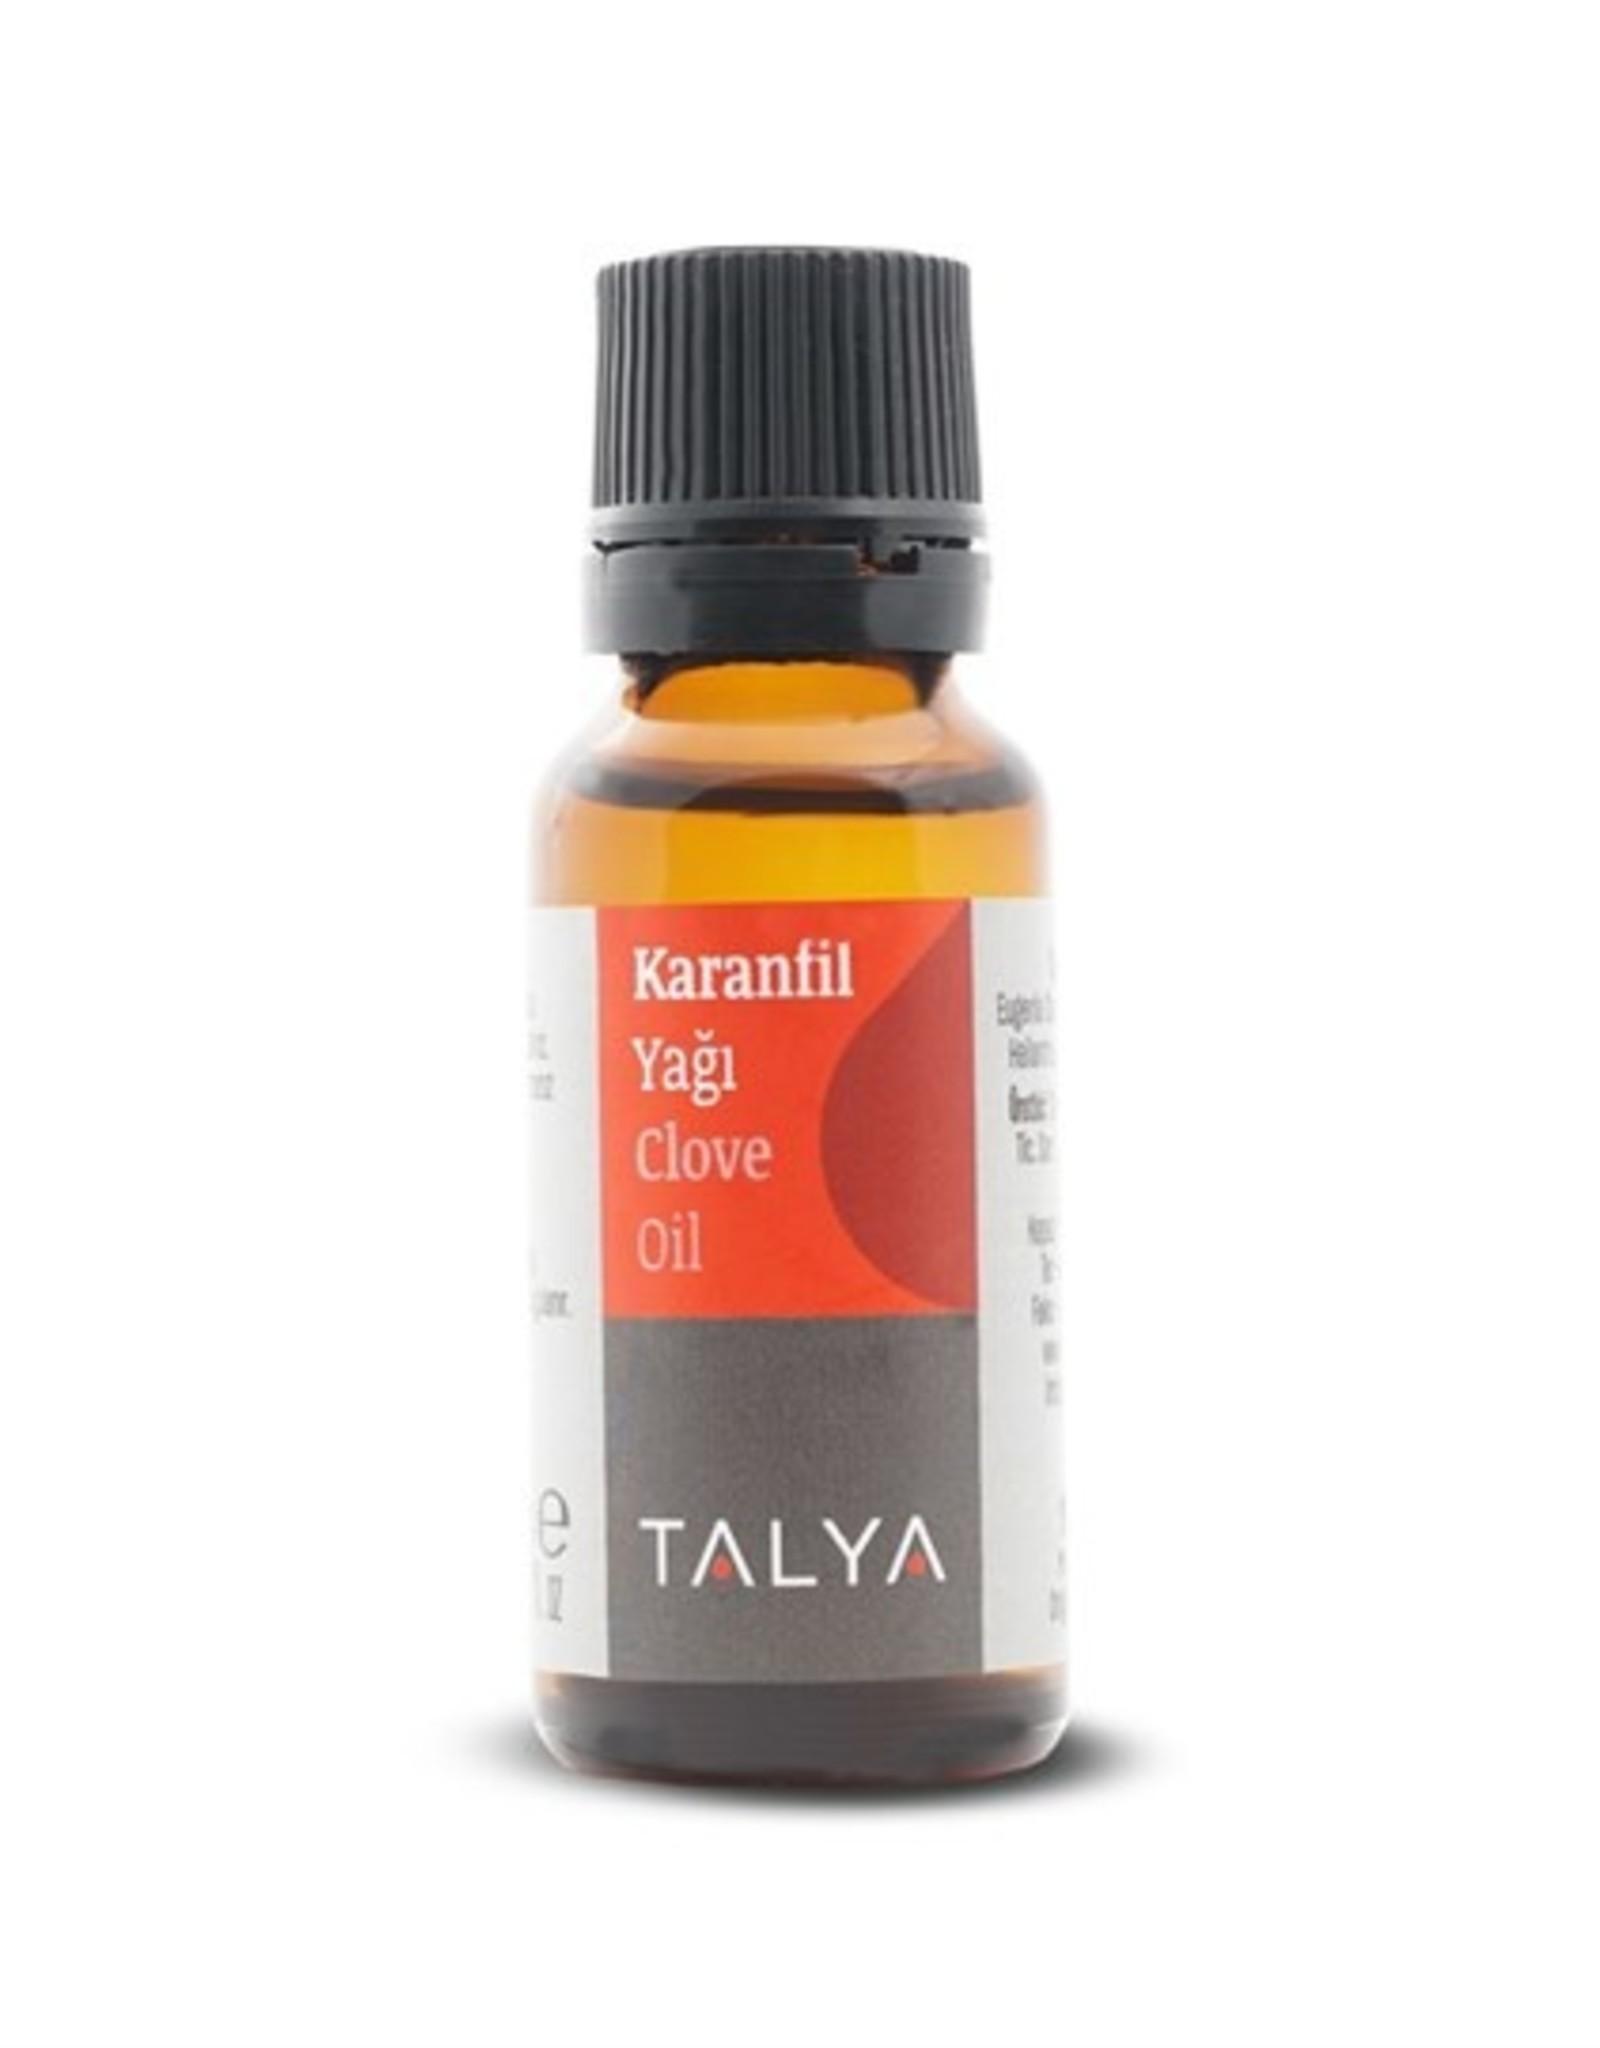 TALYA Talya Kruidnagel olie Essentiële Olie 20 ml